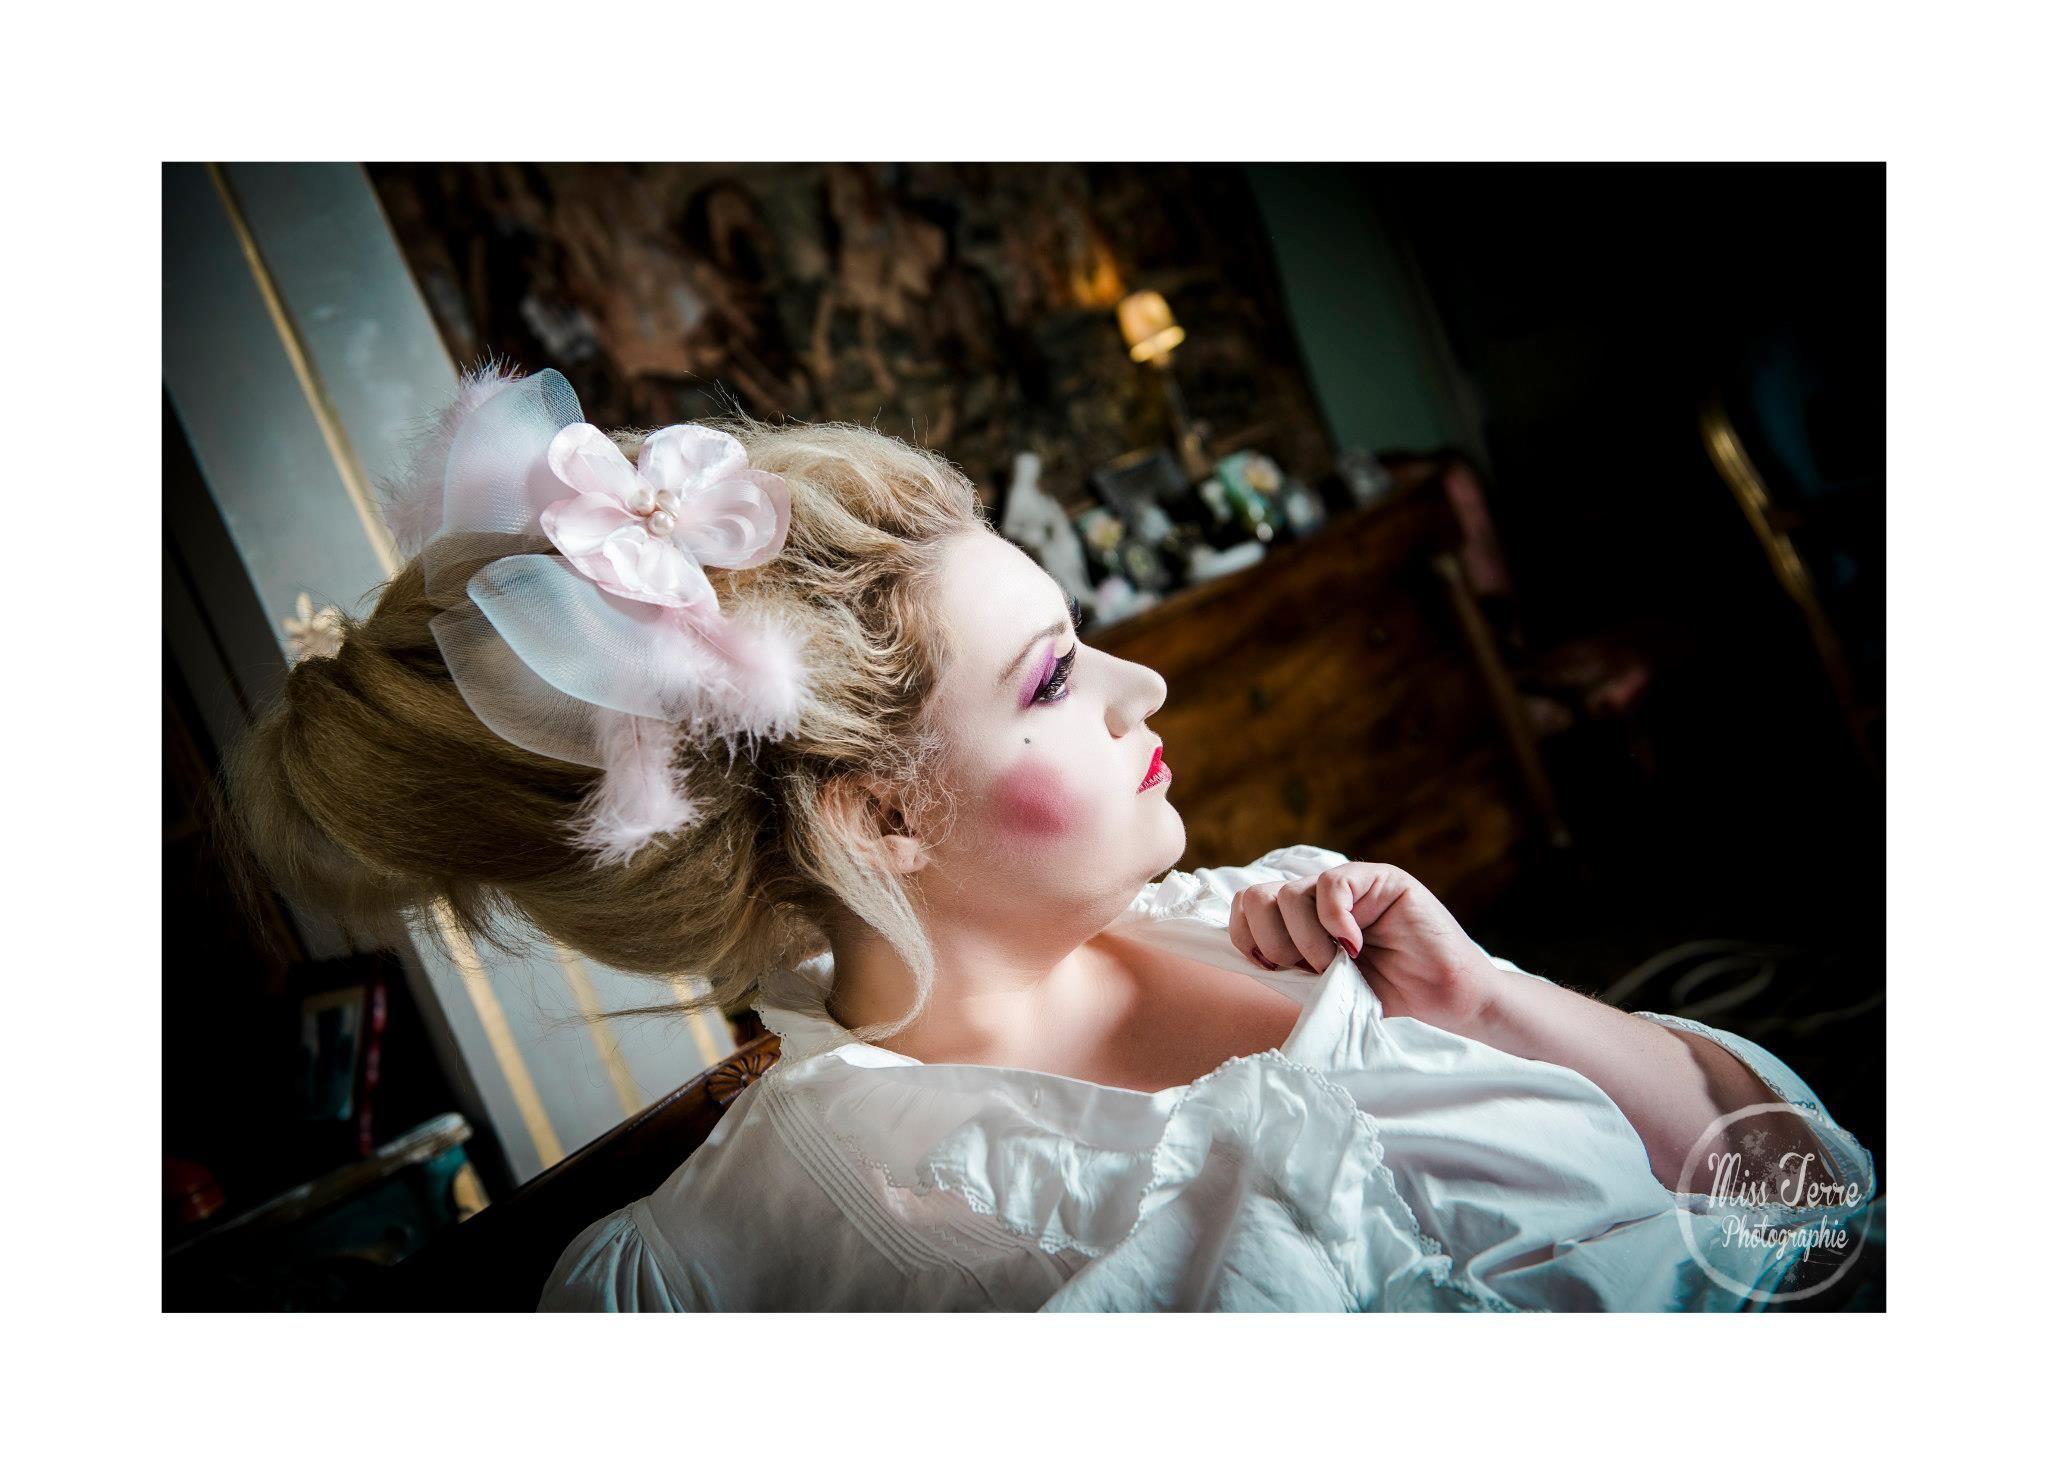 Bibi Volupté - Lady Chapearly Photographie : MissTerre Photograhie Modèle : Fraiz Ô Sucre